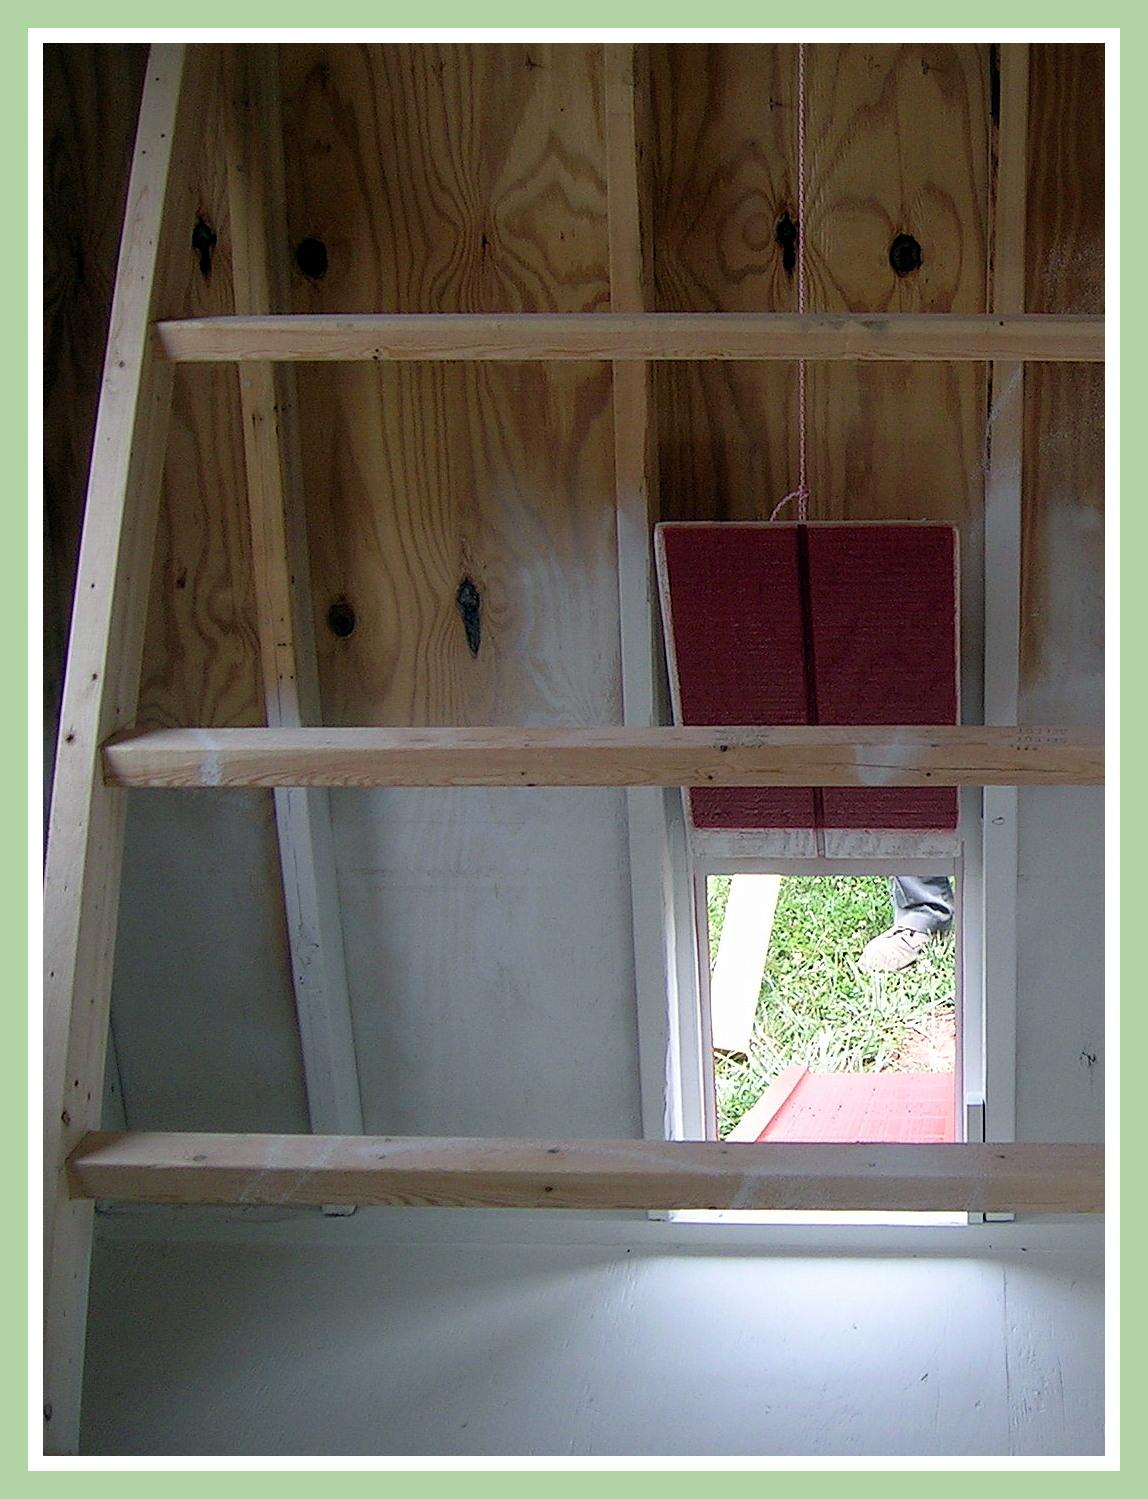 Chicken Coop Chicken Door and Roosting Perches & Wit\u0027s End Farm: Chicken Coop Chicken Doors Pezcame.Com